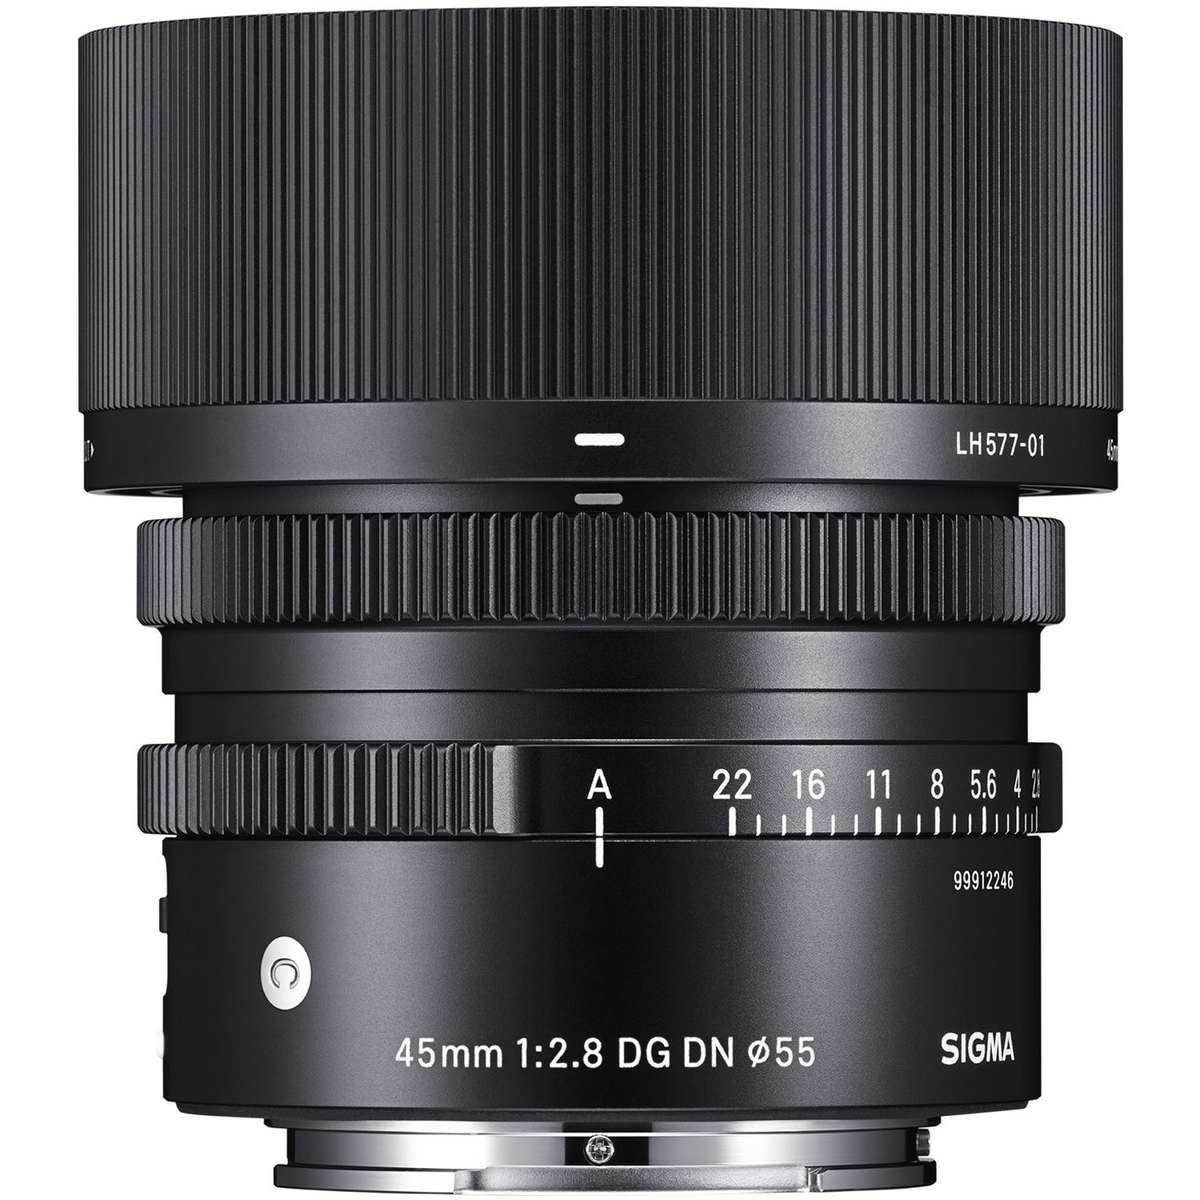 Sigma 45mm f/2.8 DG DN Contemporary